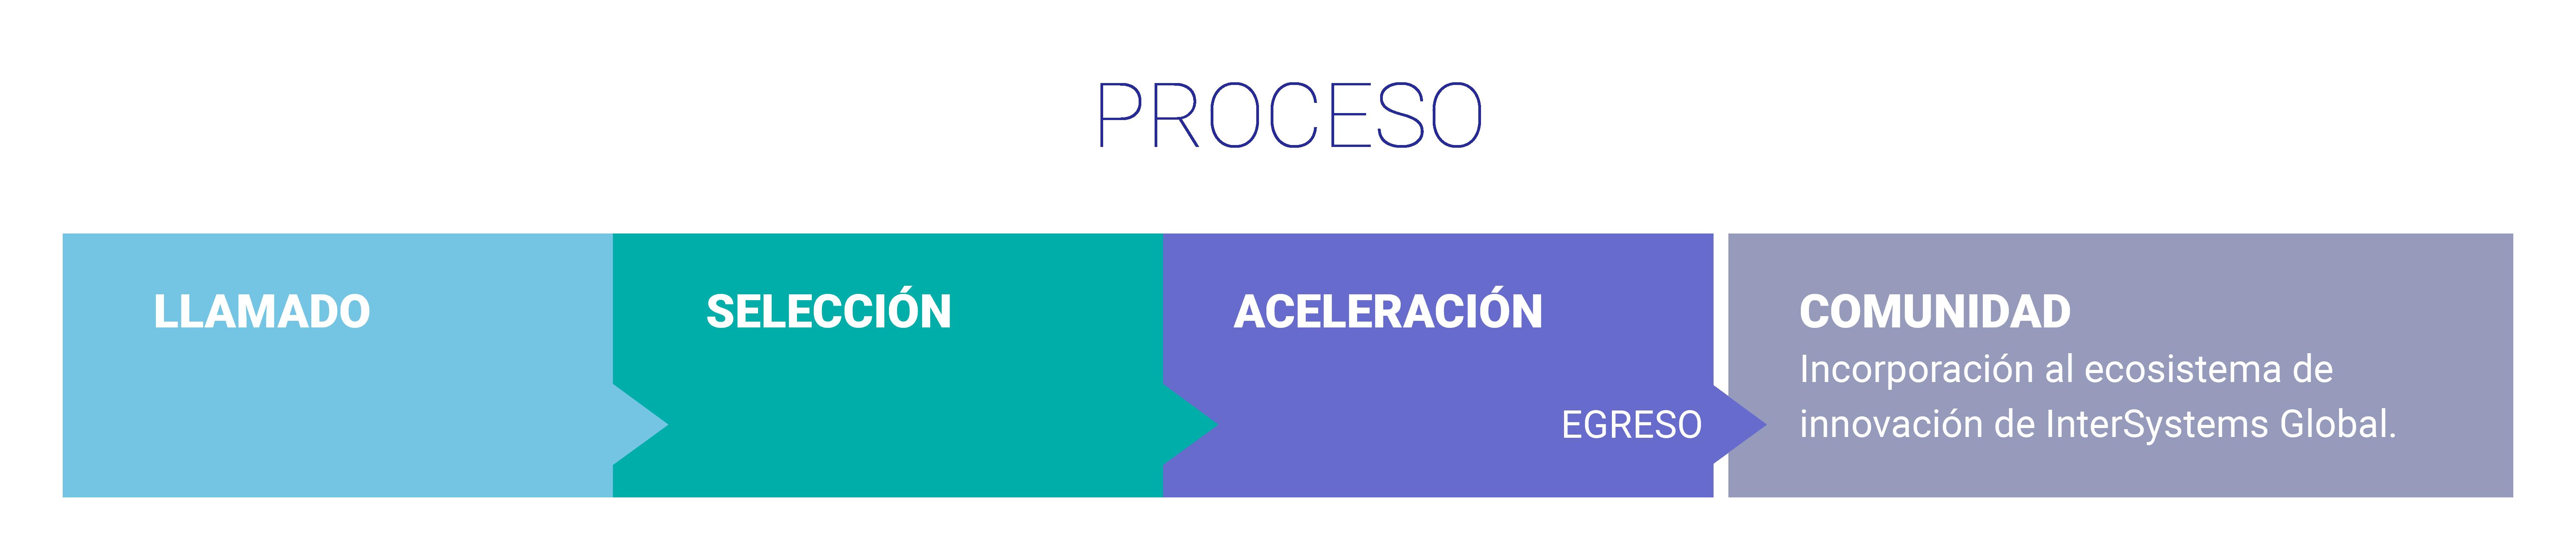 proceso-01